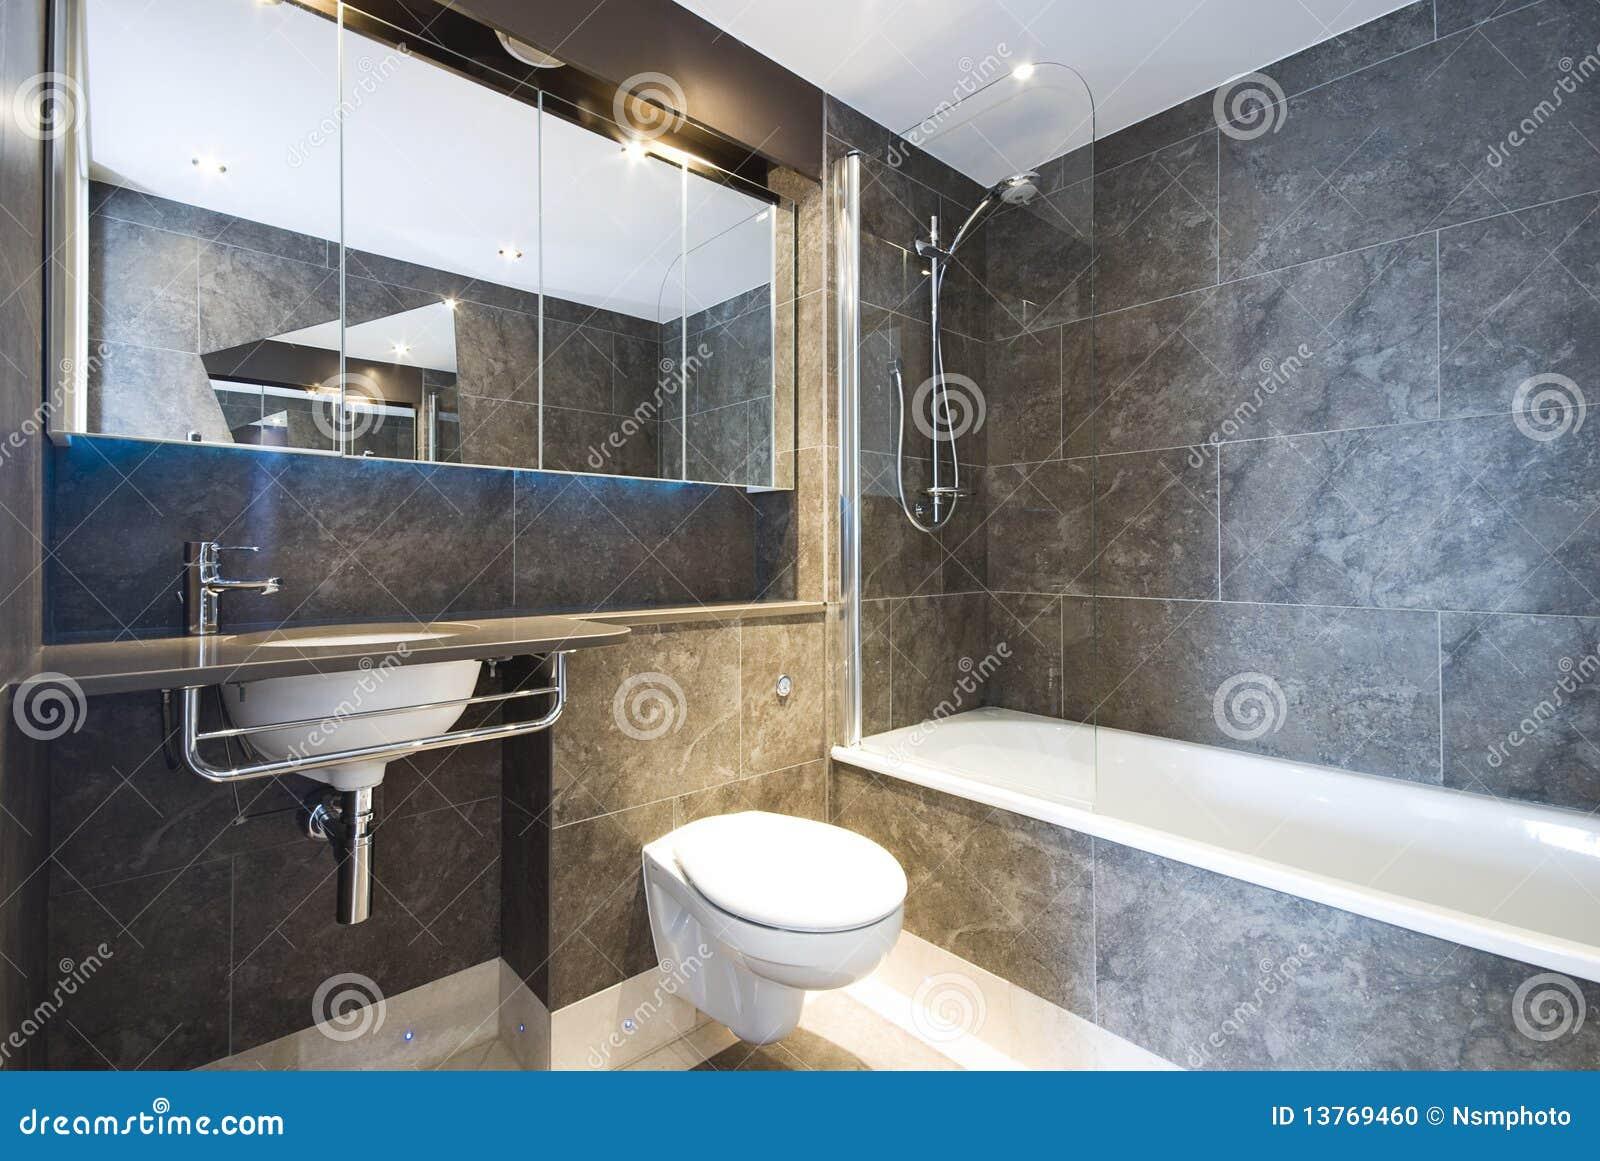 Stanza da bagno di marmo moderna con la grande vasca di bagno fotografia stock immagine 13769460 - Vasca da bagno moderna ...